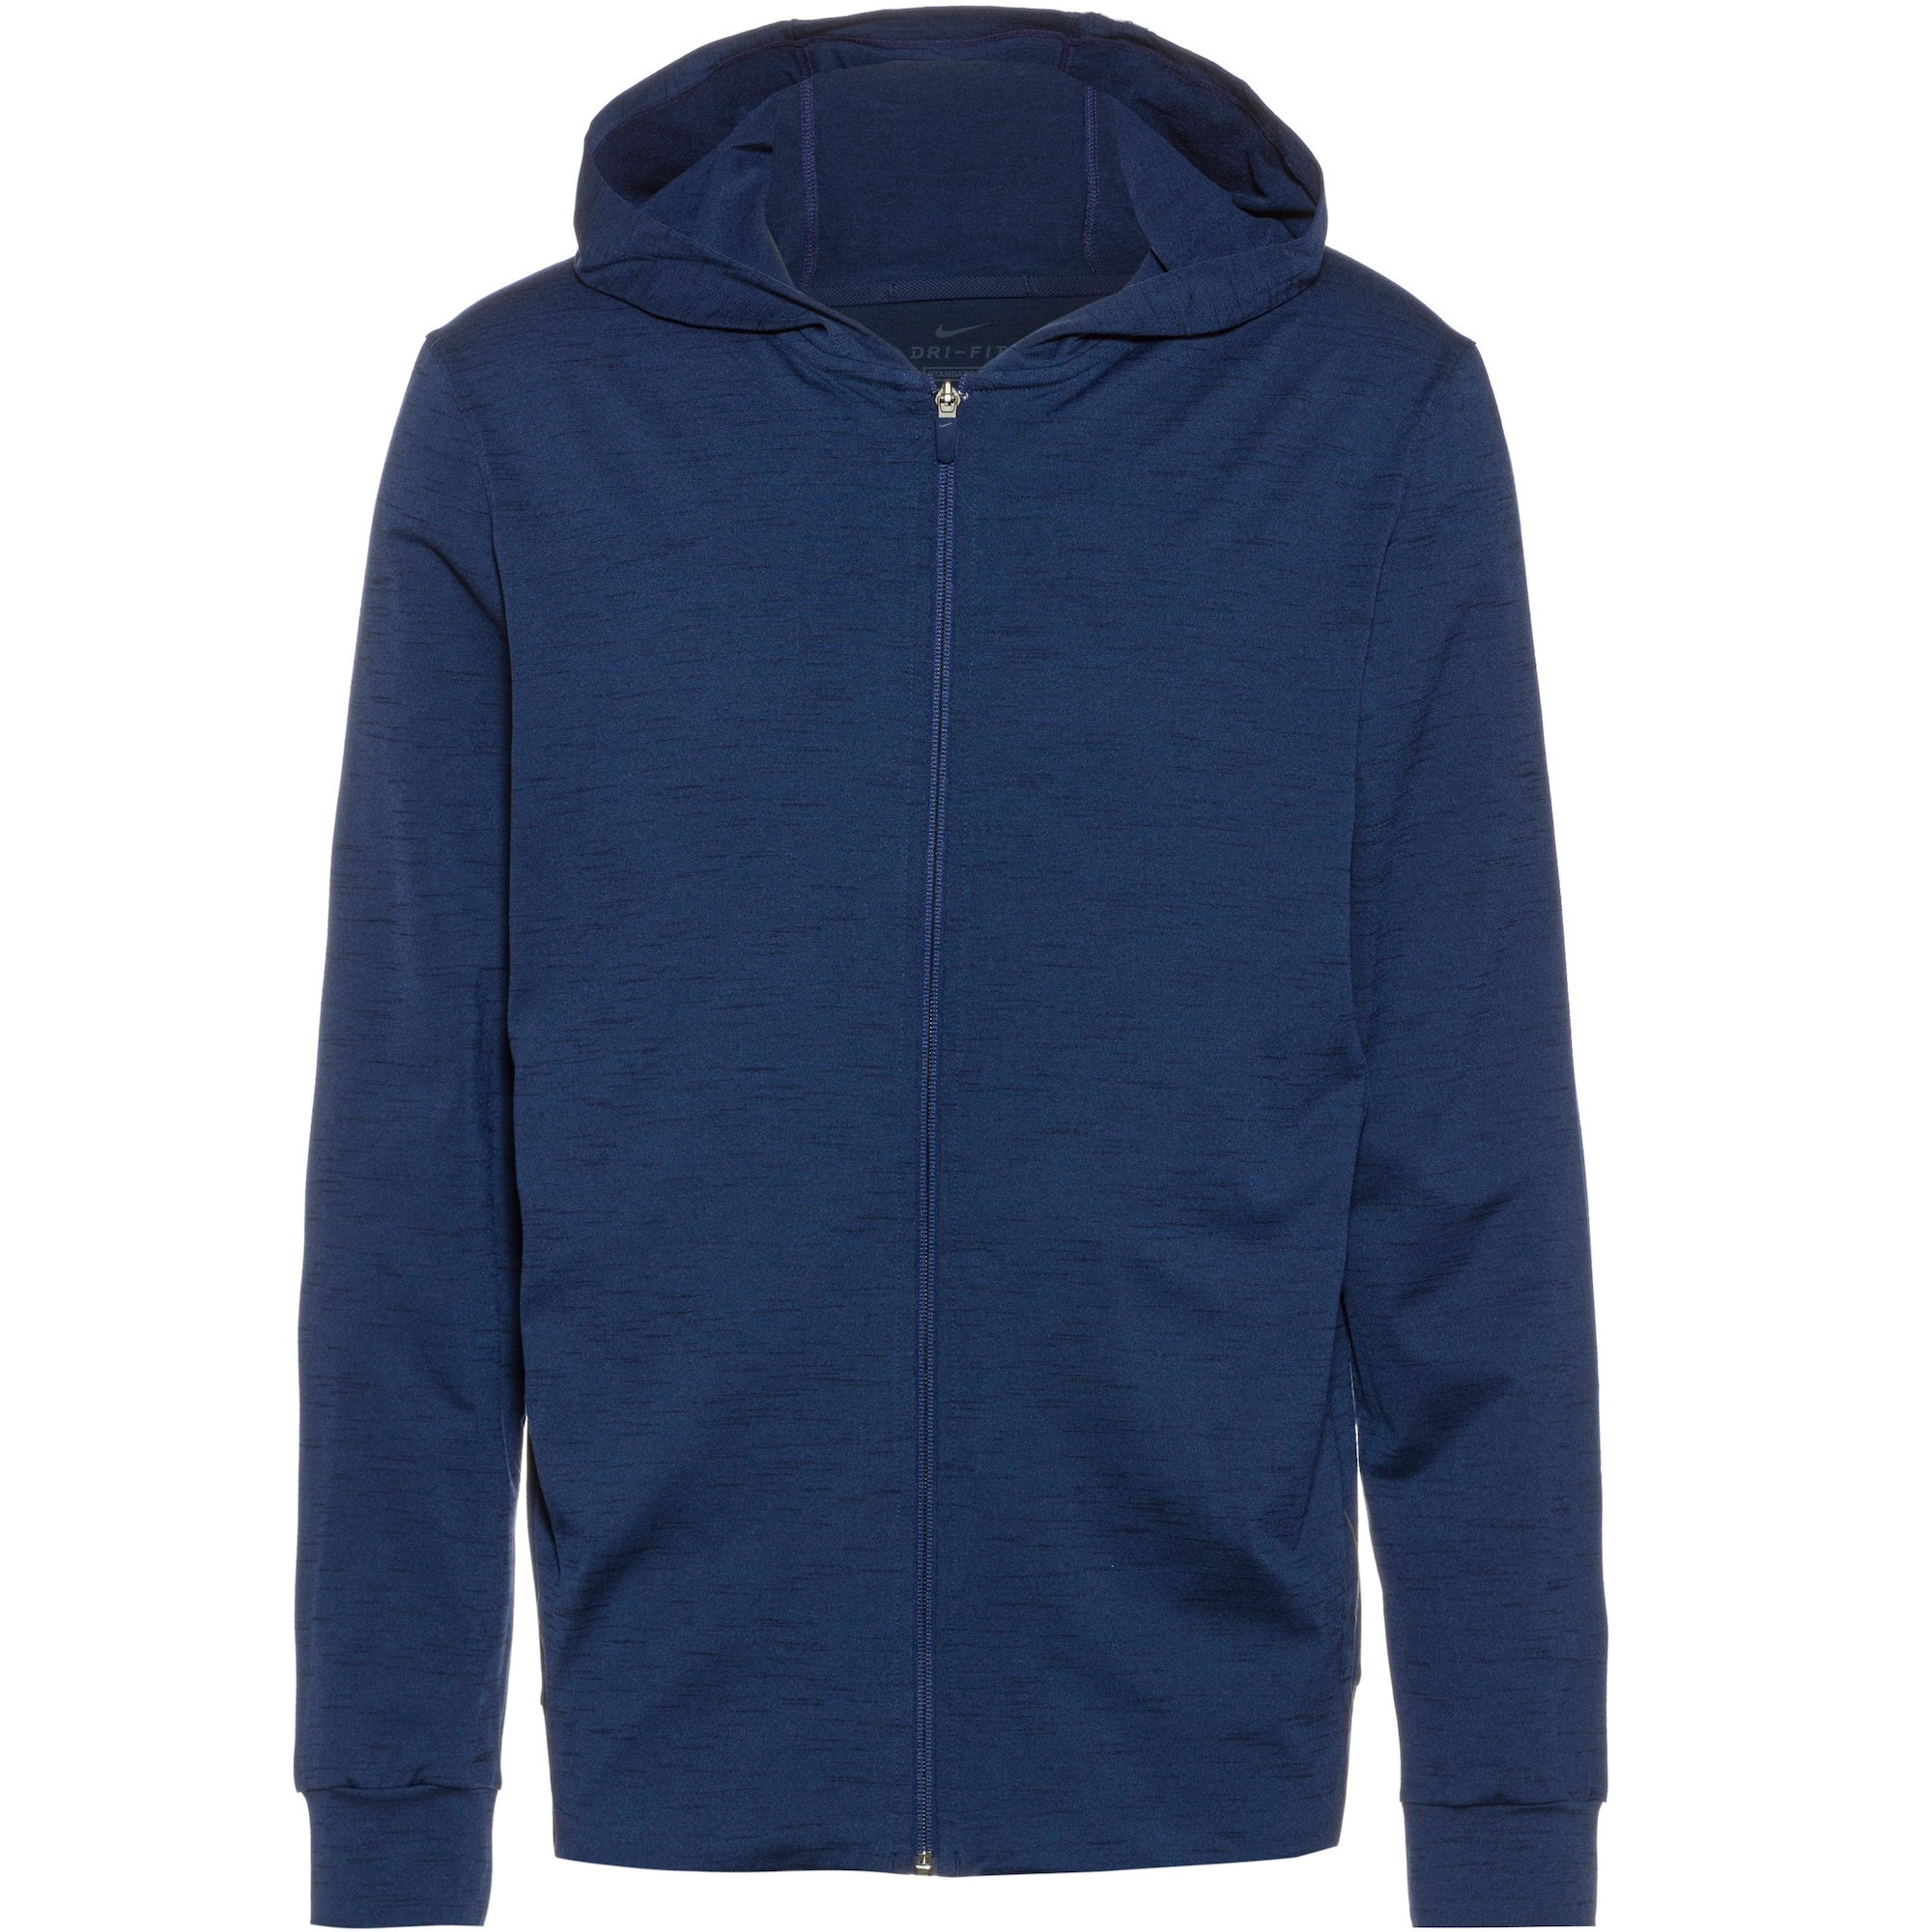 NIKE Džemperis treniruotėms mėlyna